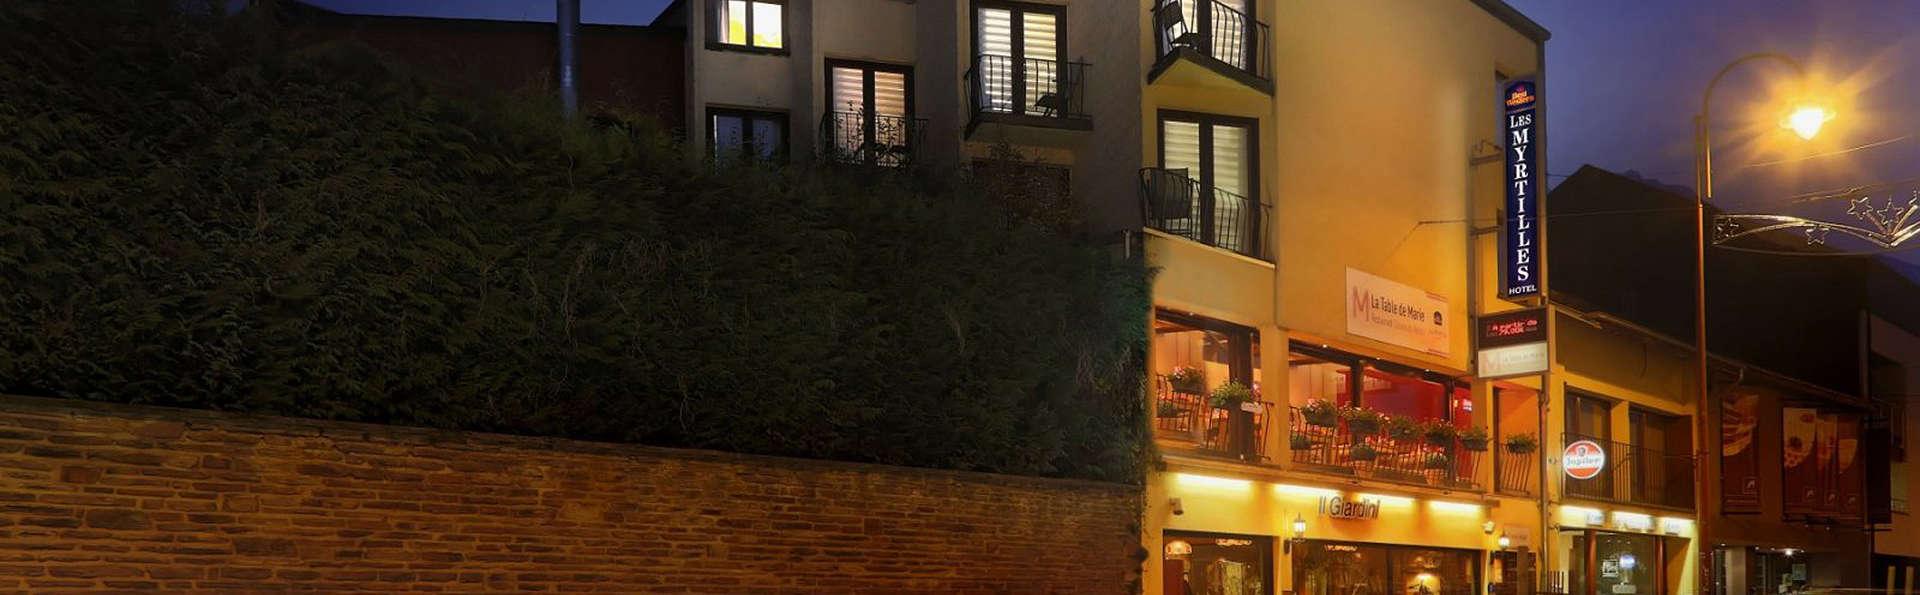 Hotel Myrtilles - EDIT_Exterior1.jpg